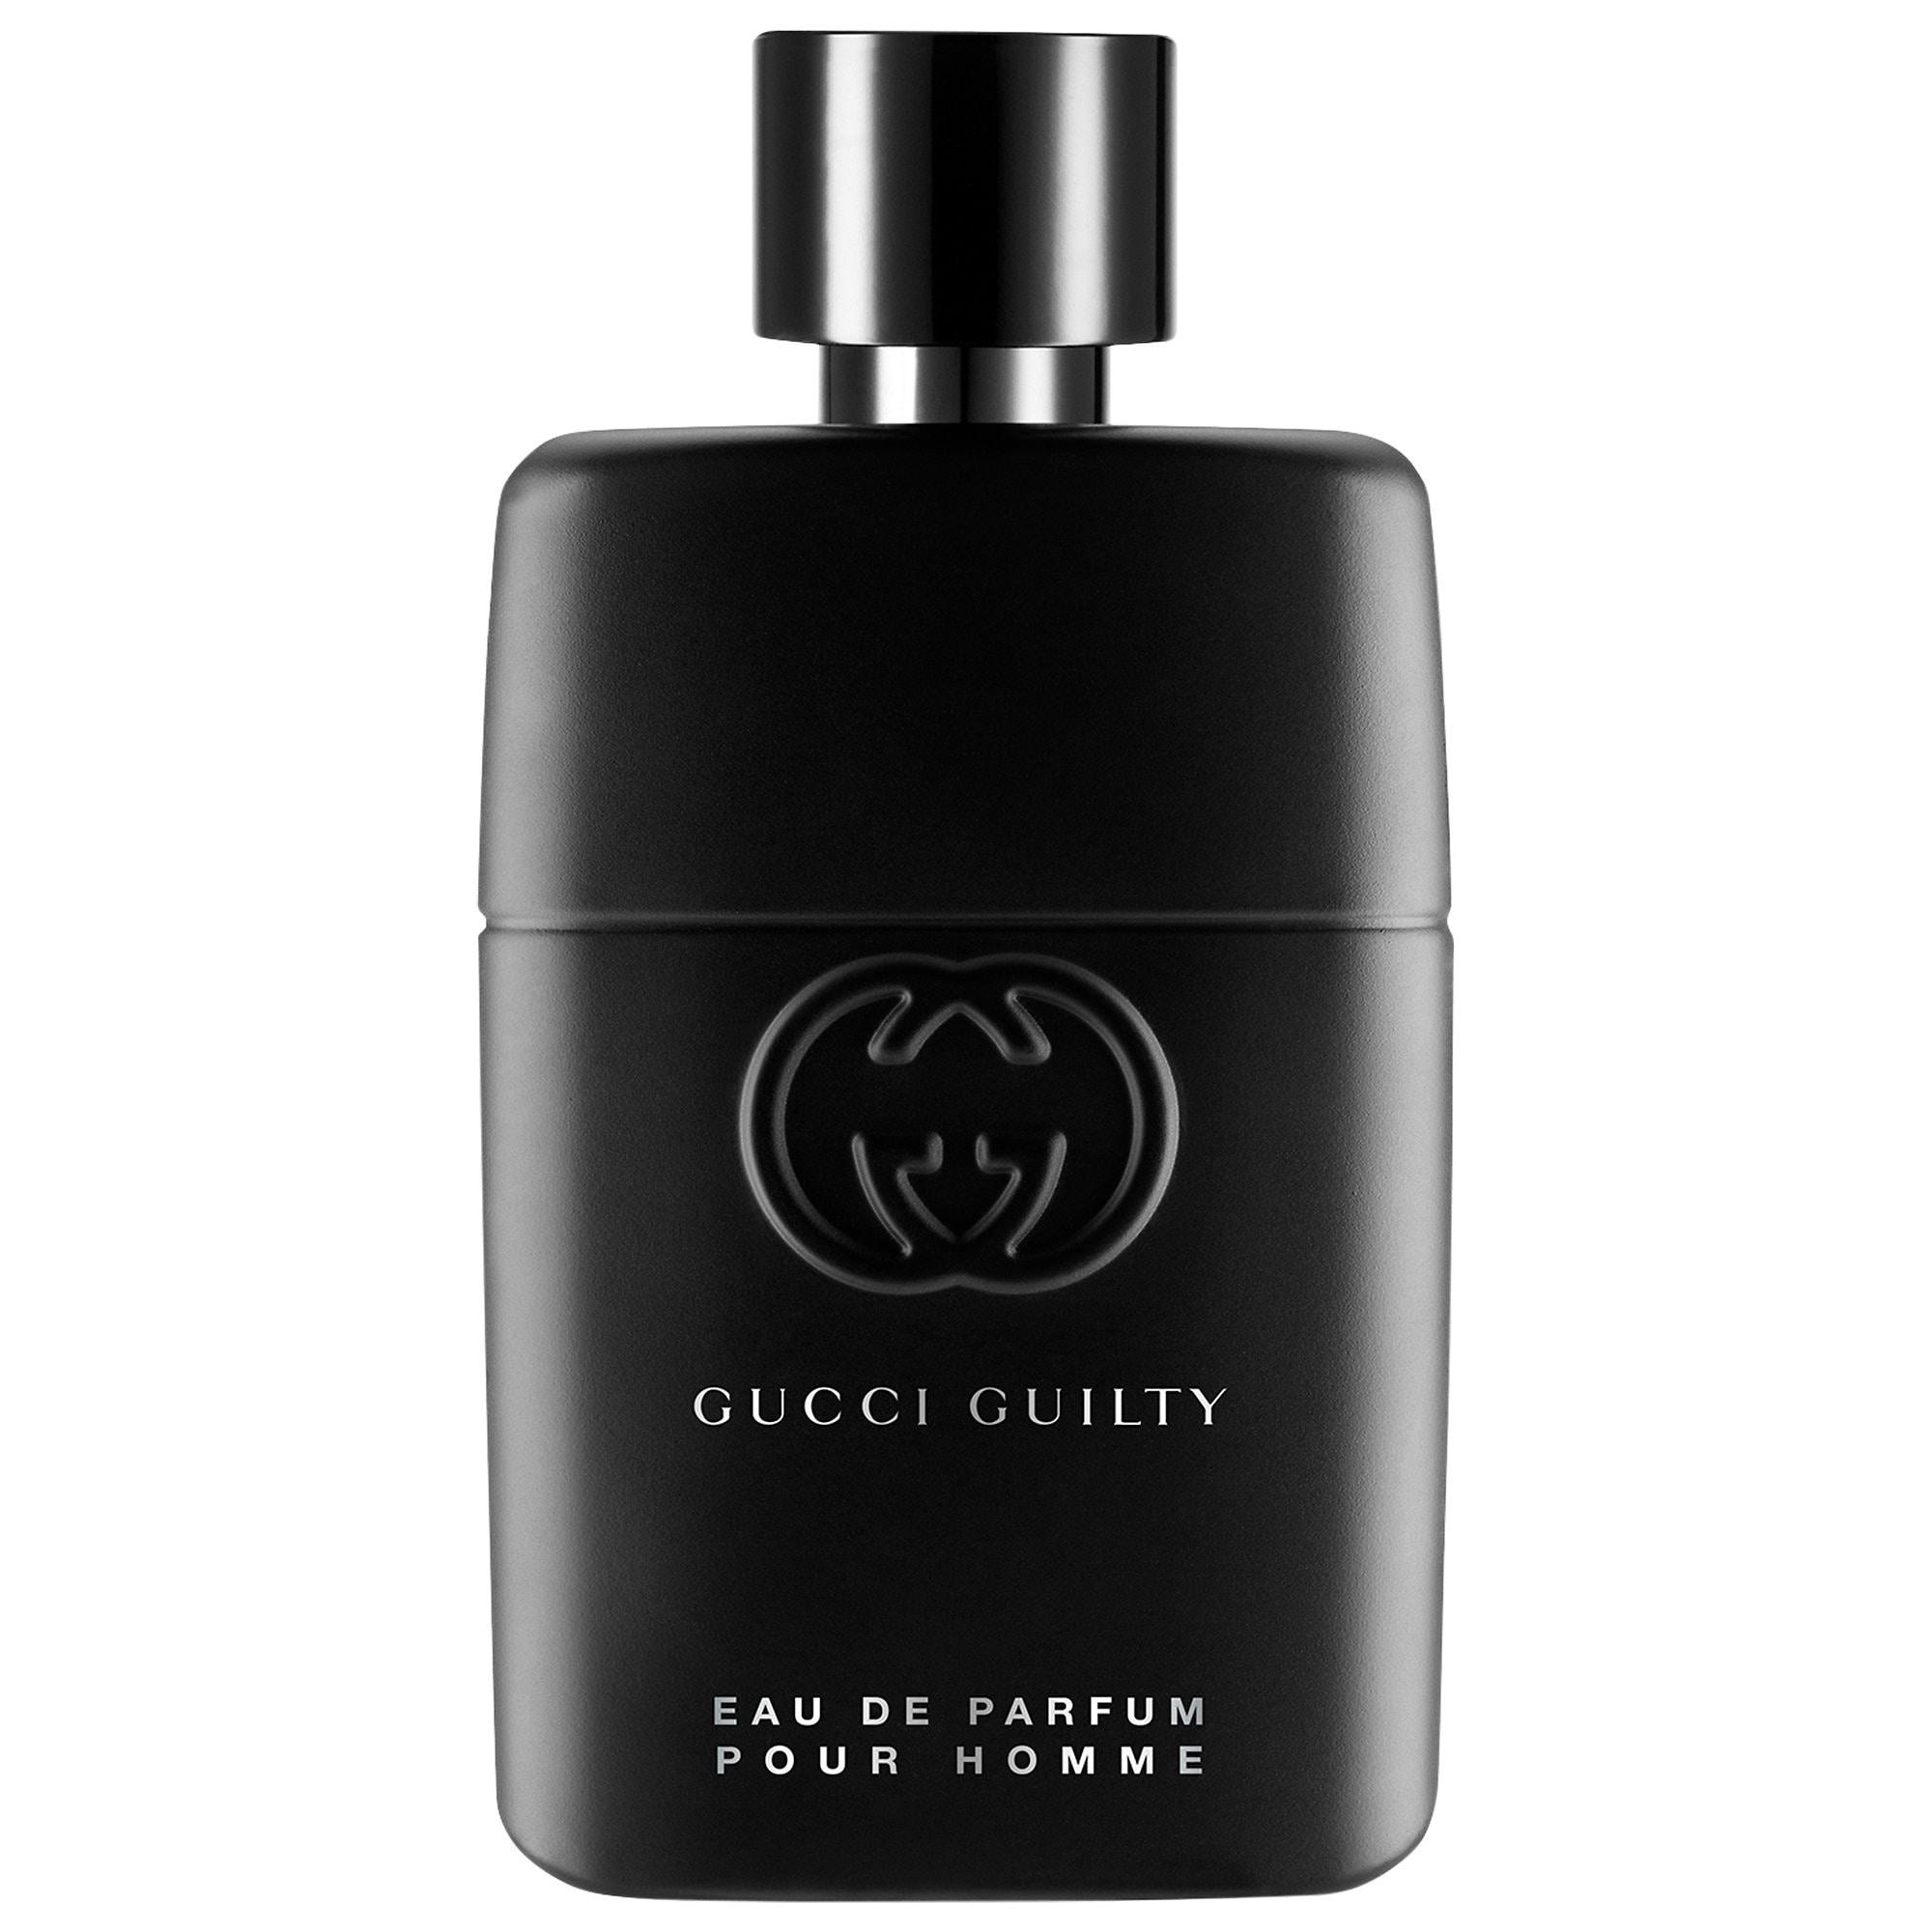 Gucci - Guilty Eau de Parfum Pour Homme